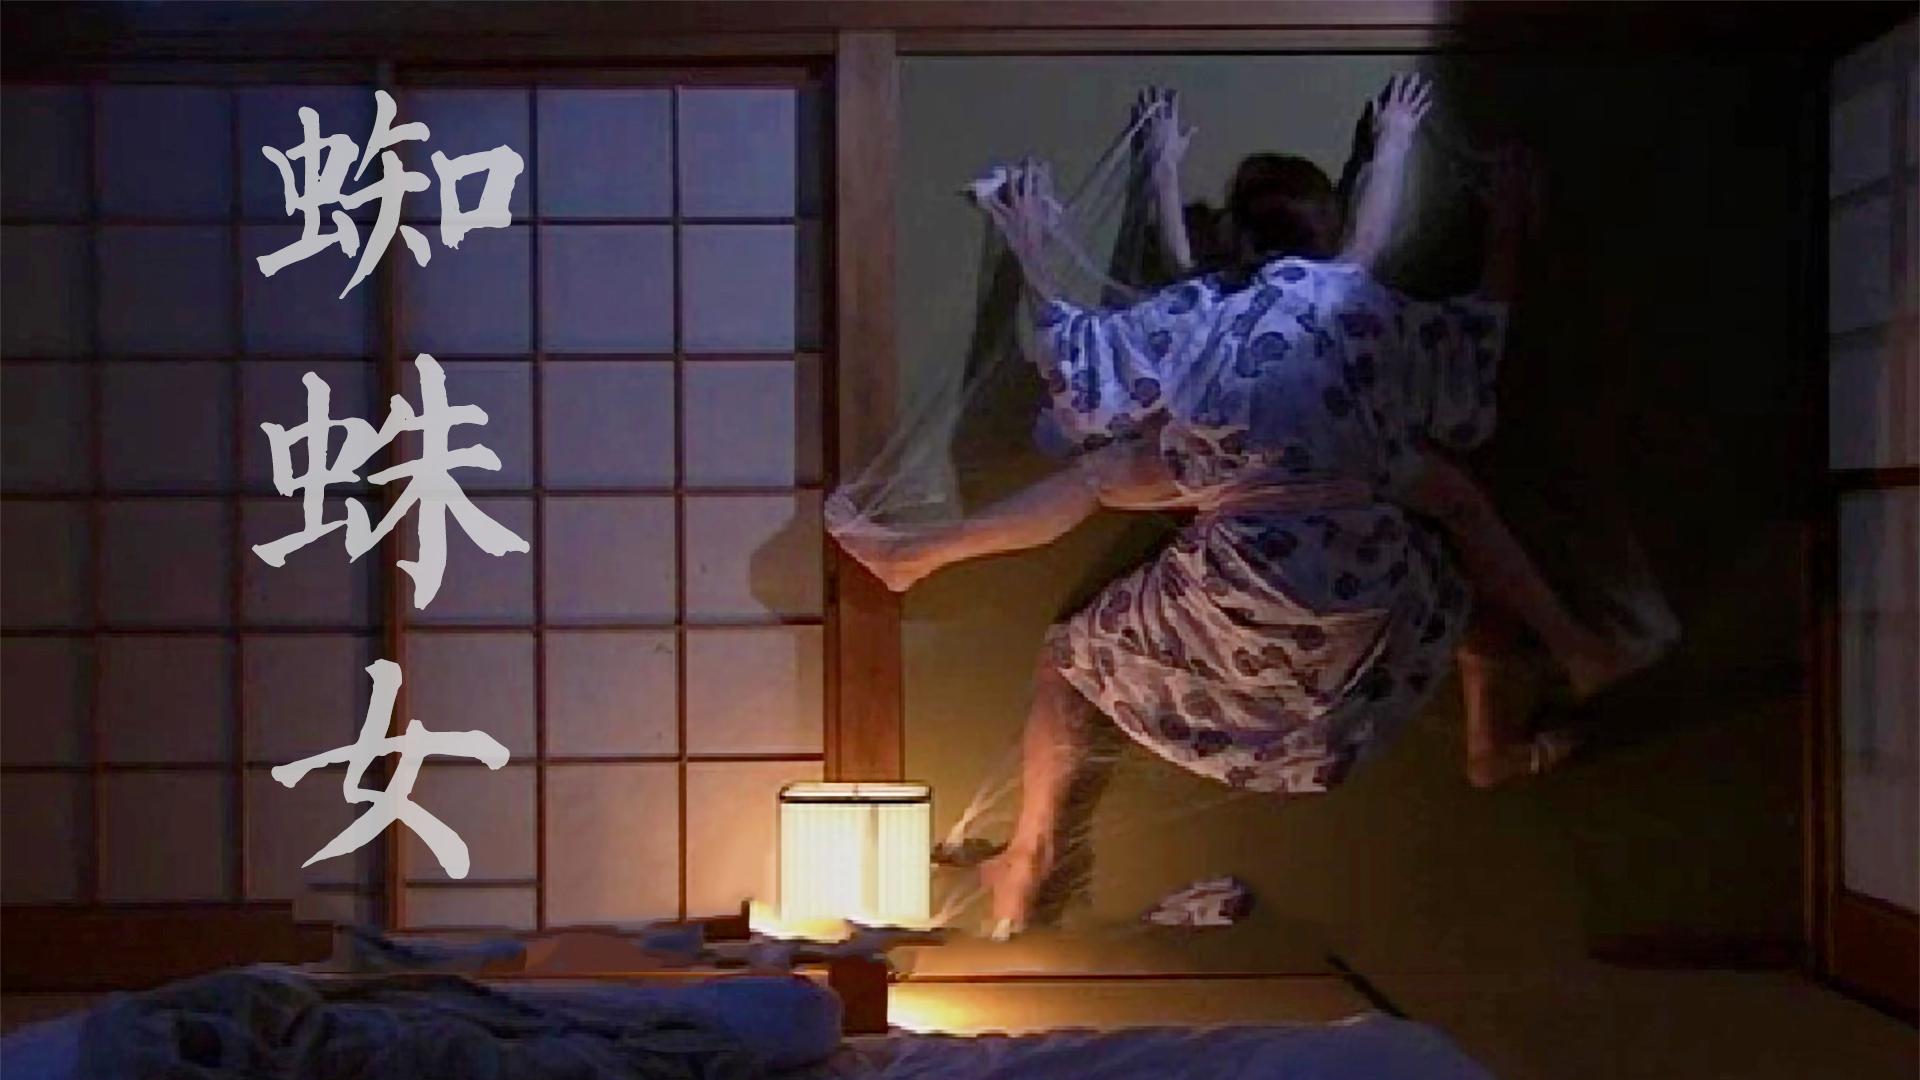 日本恐怖片《东瀛鬼咒》,隐藏在都市的蜘蛛女,有八条腿还吃男人